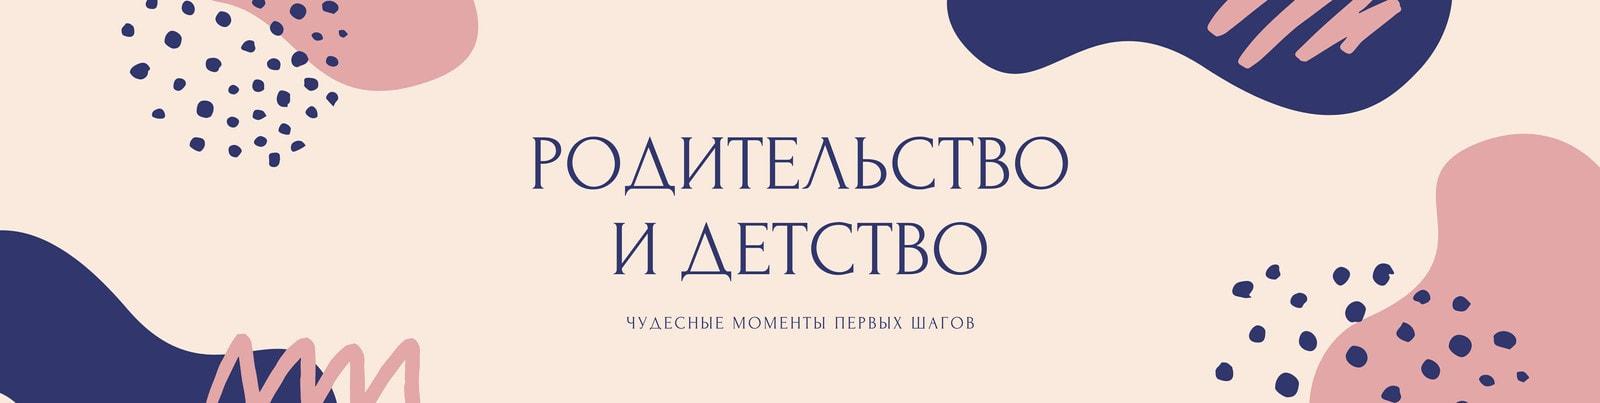 Сине-розовая обложка группы ВК с абстрактным рисунком